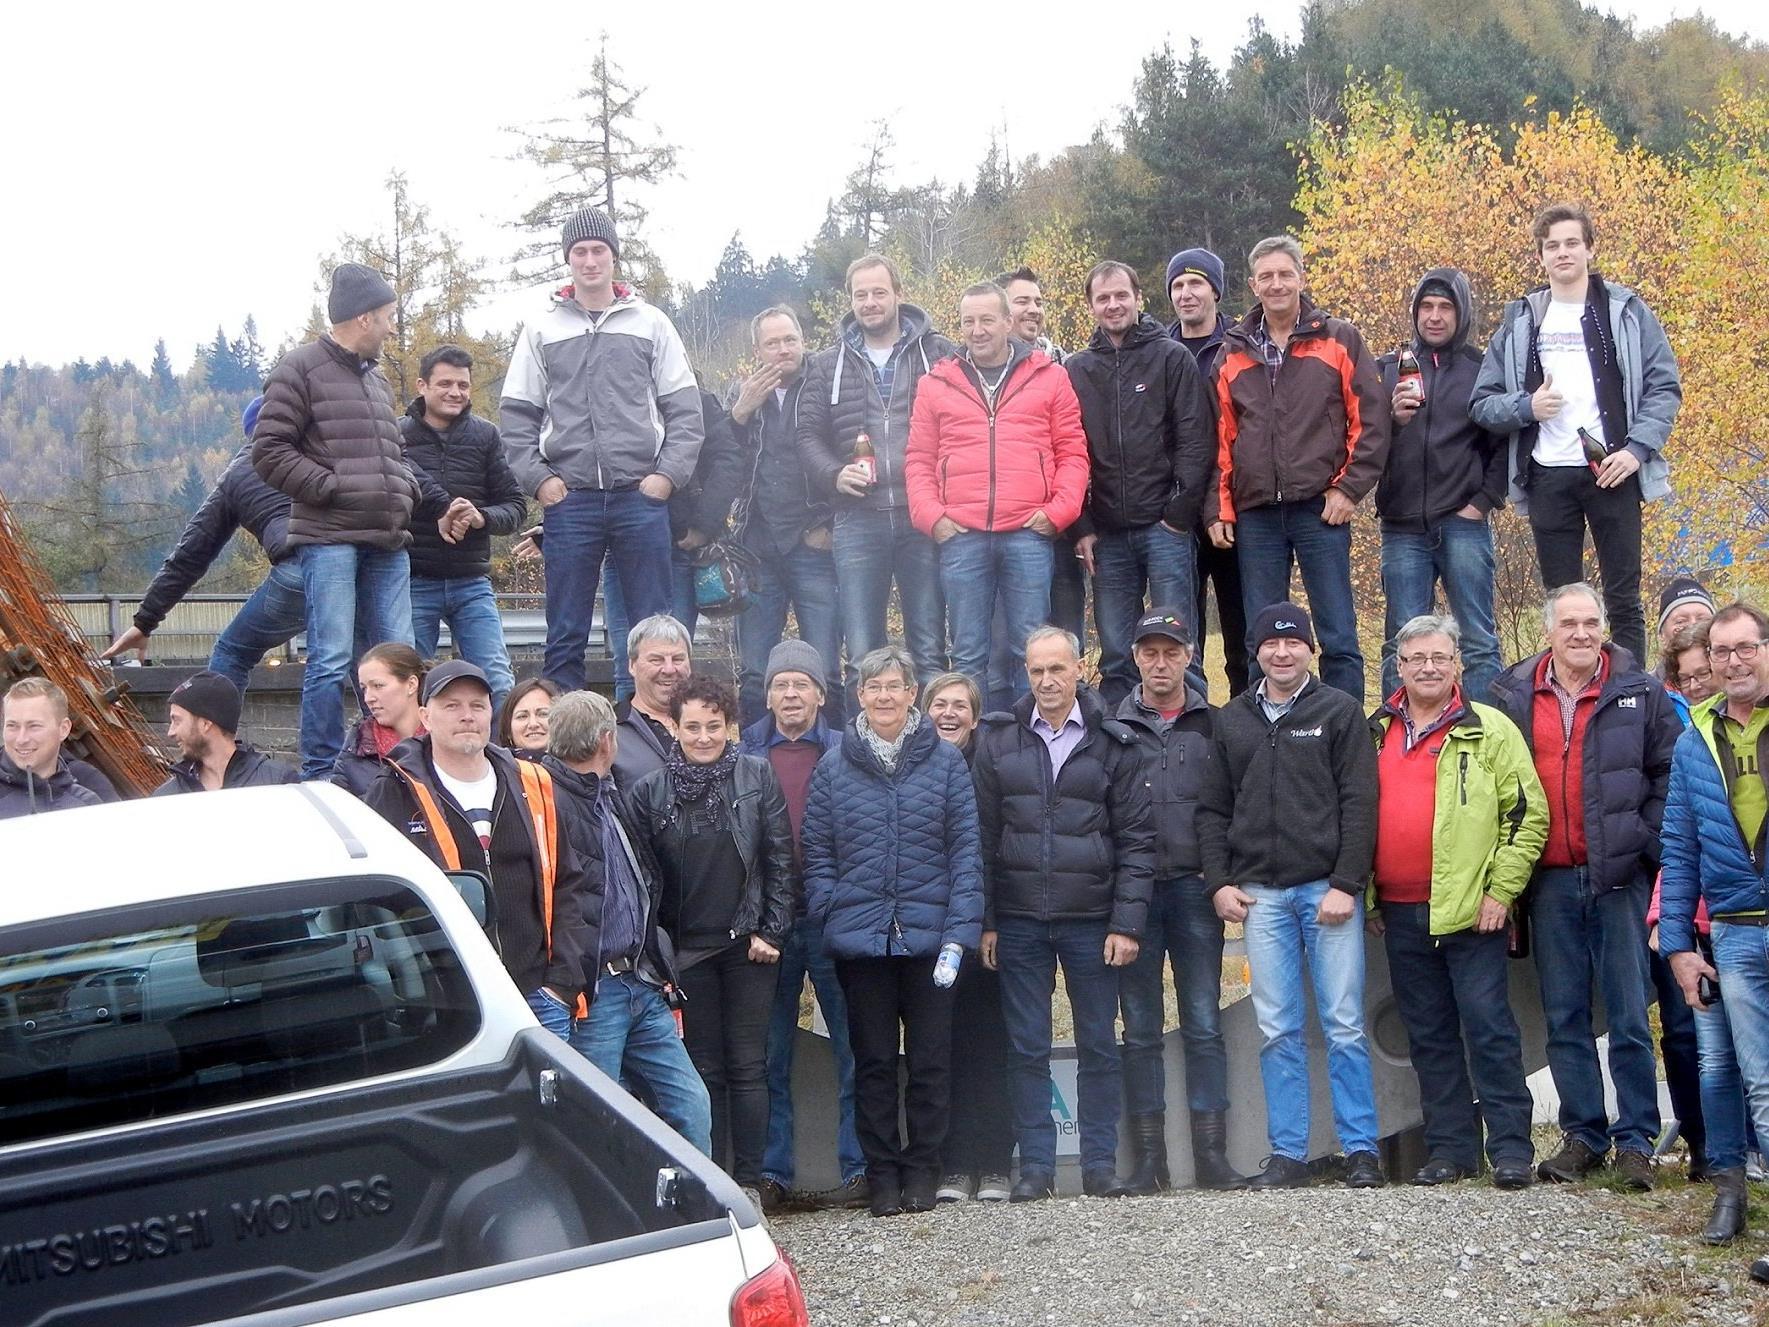 Zunftverein Au auf der Baustelle des Brenner Basistunnels in Tulfes